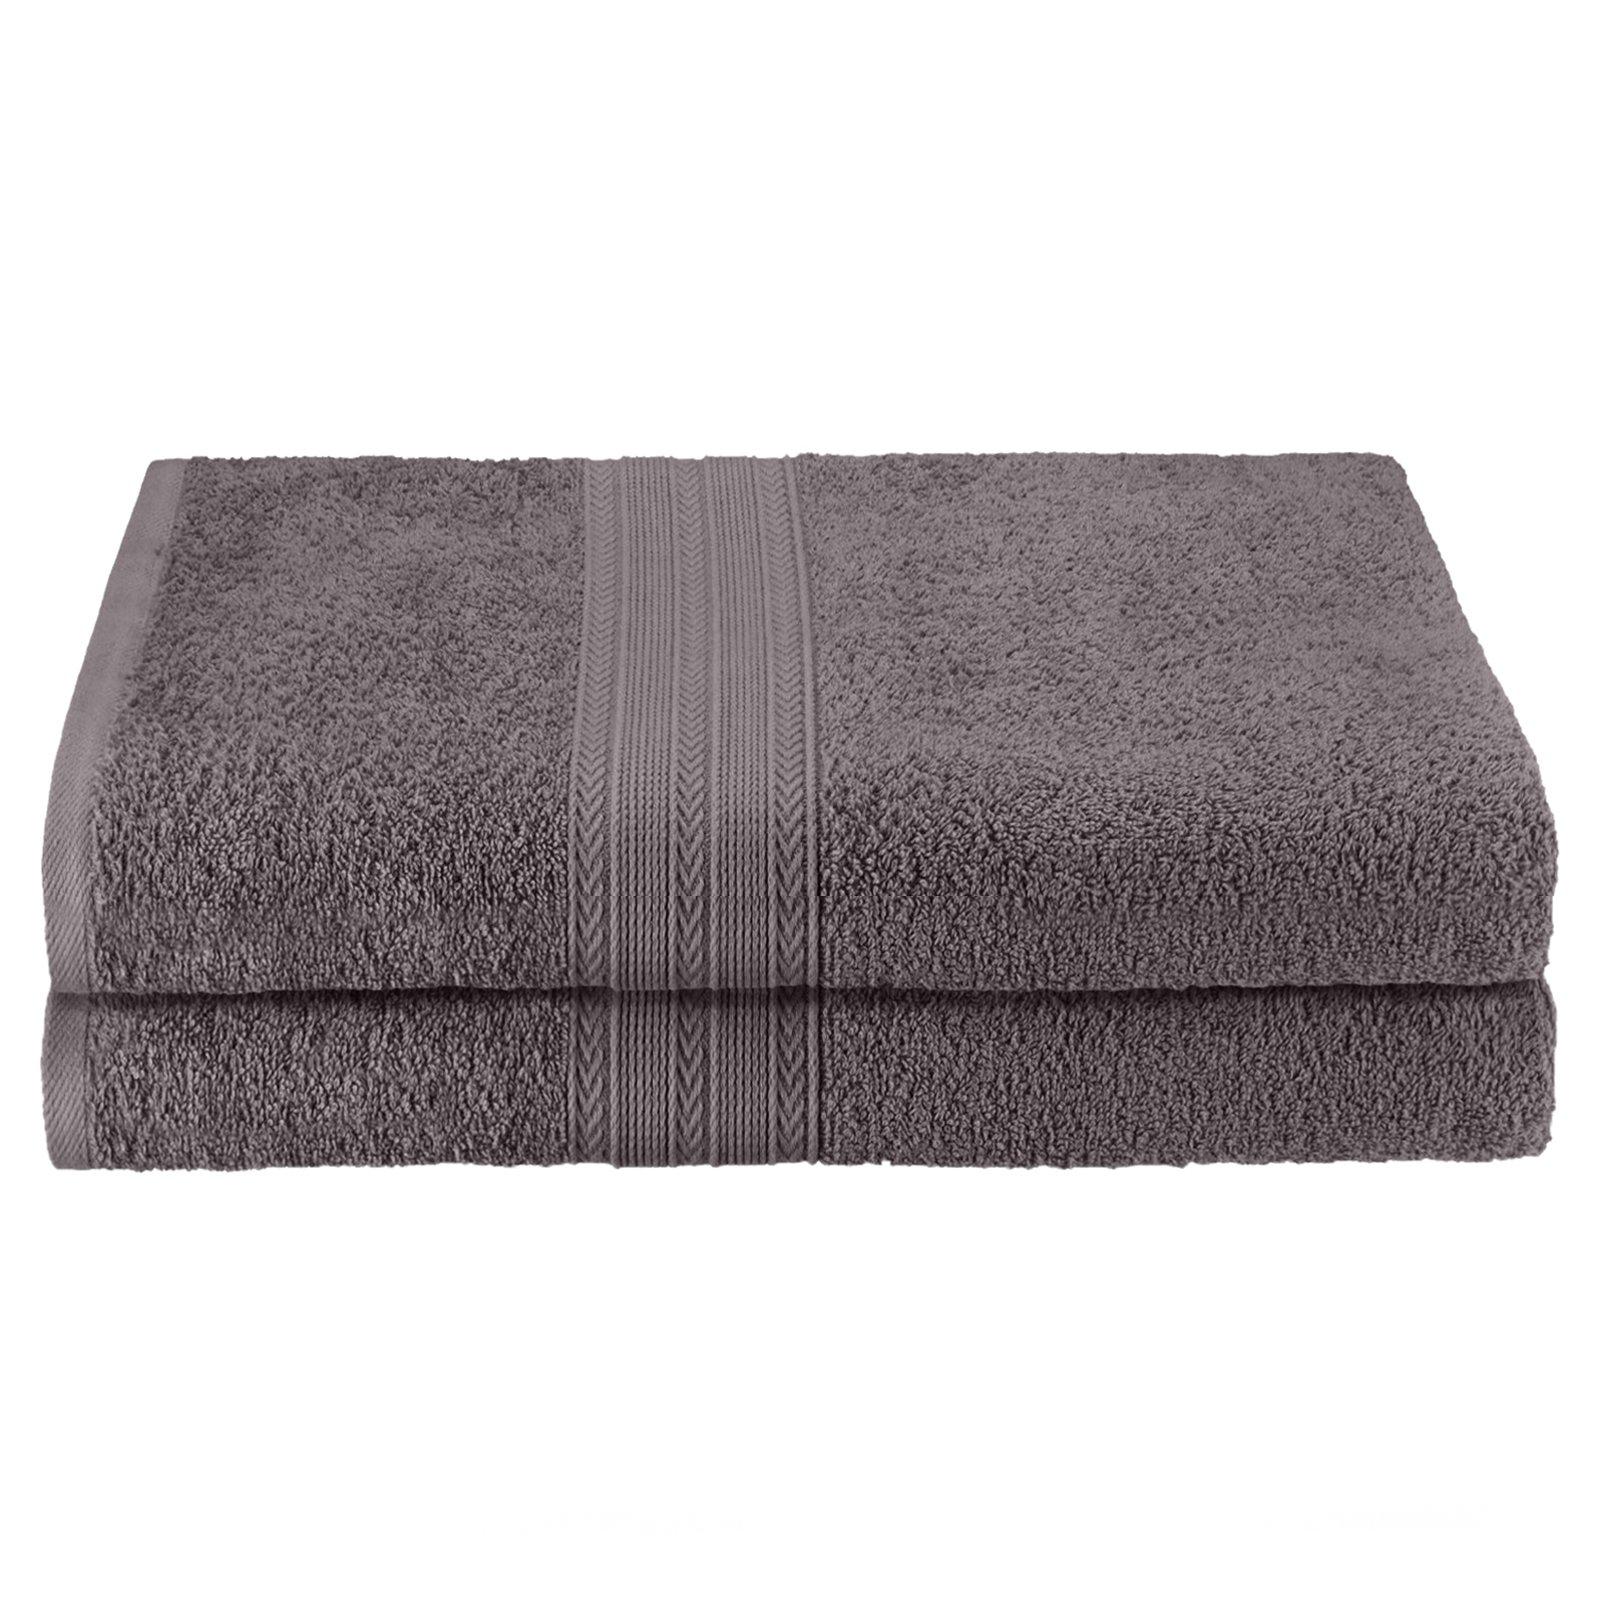 Impressions 100% Ring spun Cotton 2PC Bath Sheet Towel Set